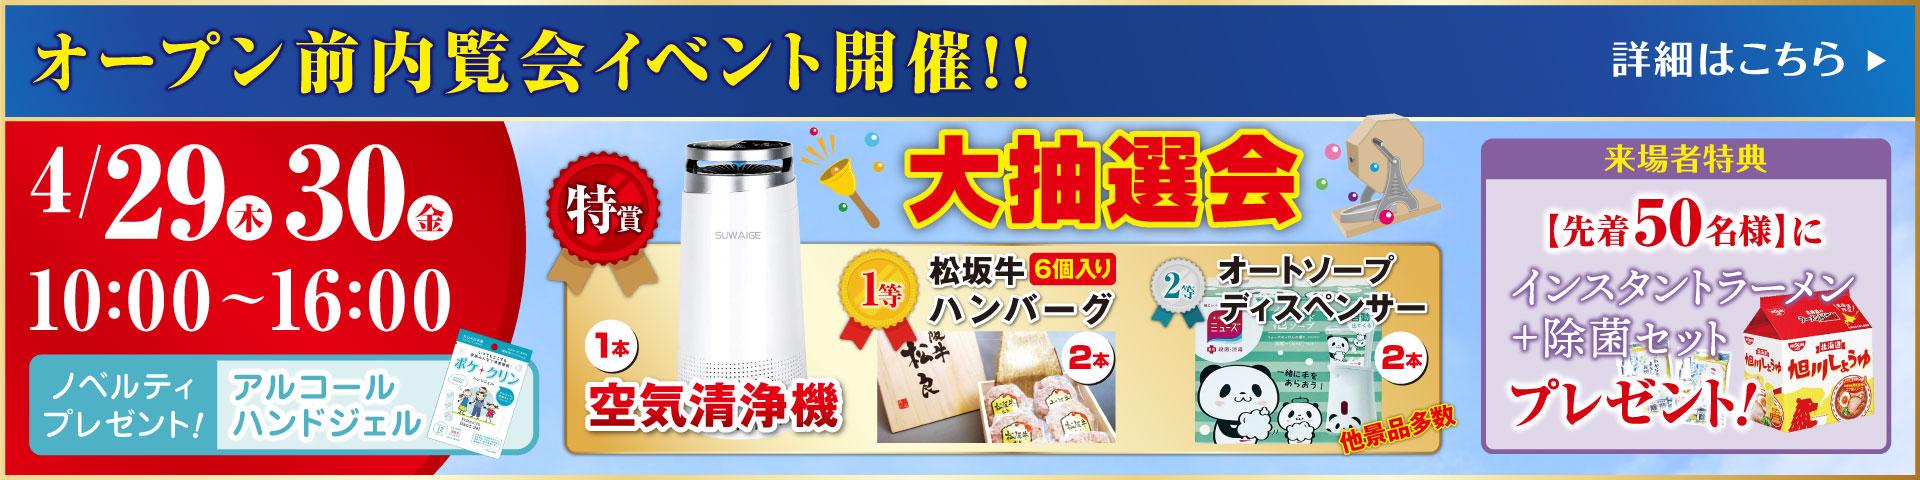 小諸東店オープン前内覧会イベント開催